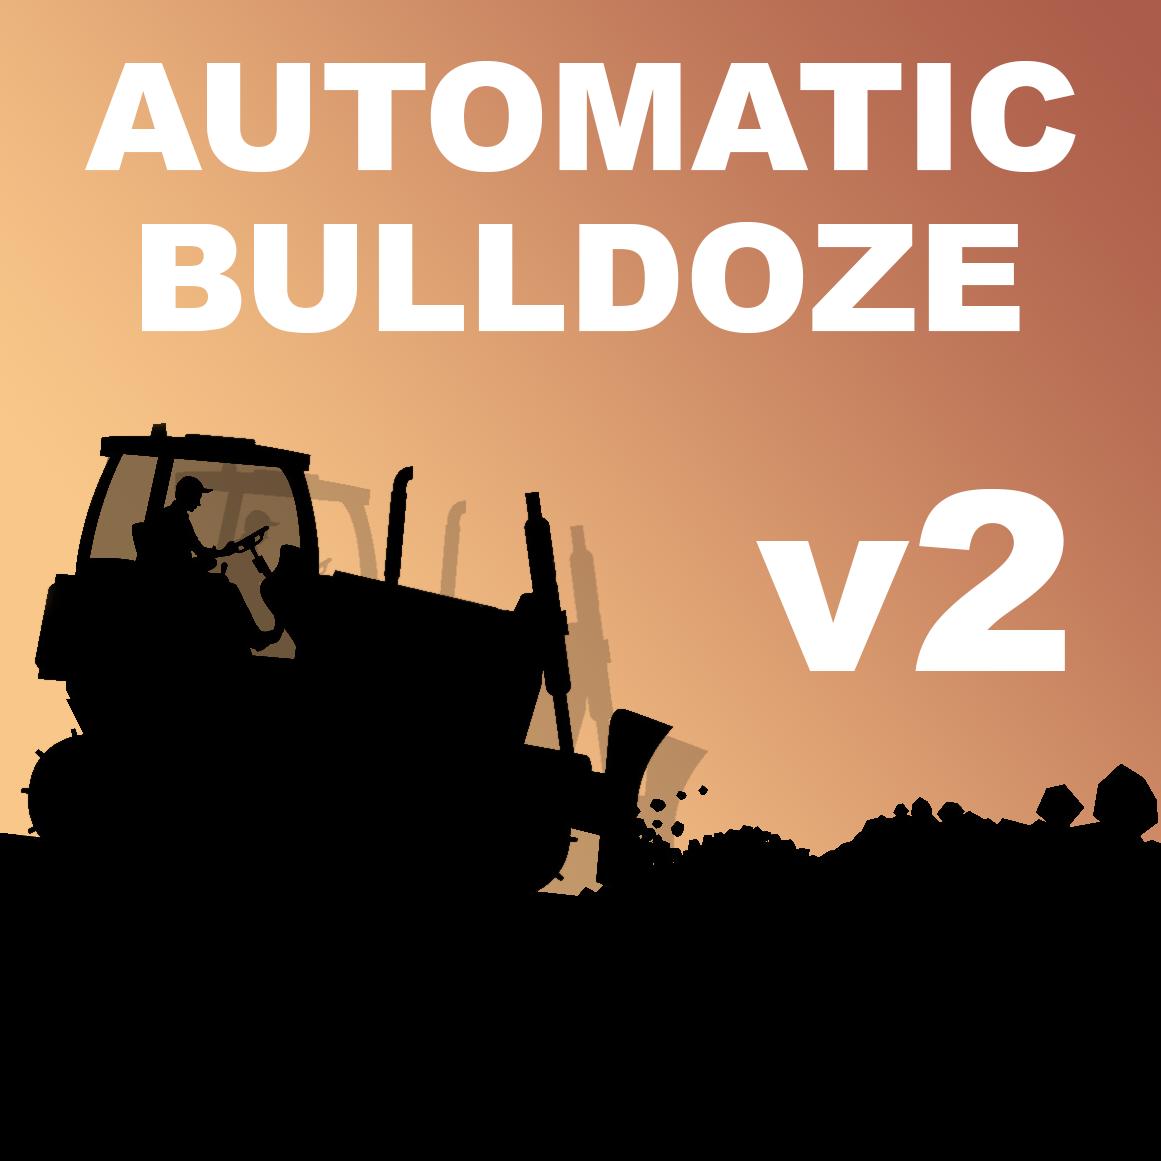 Automatic Bulldoze v2